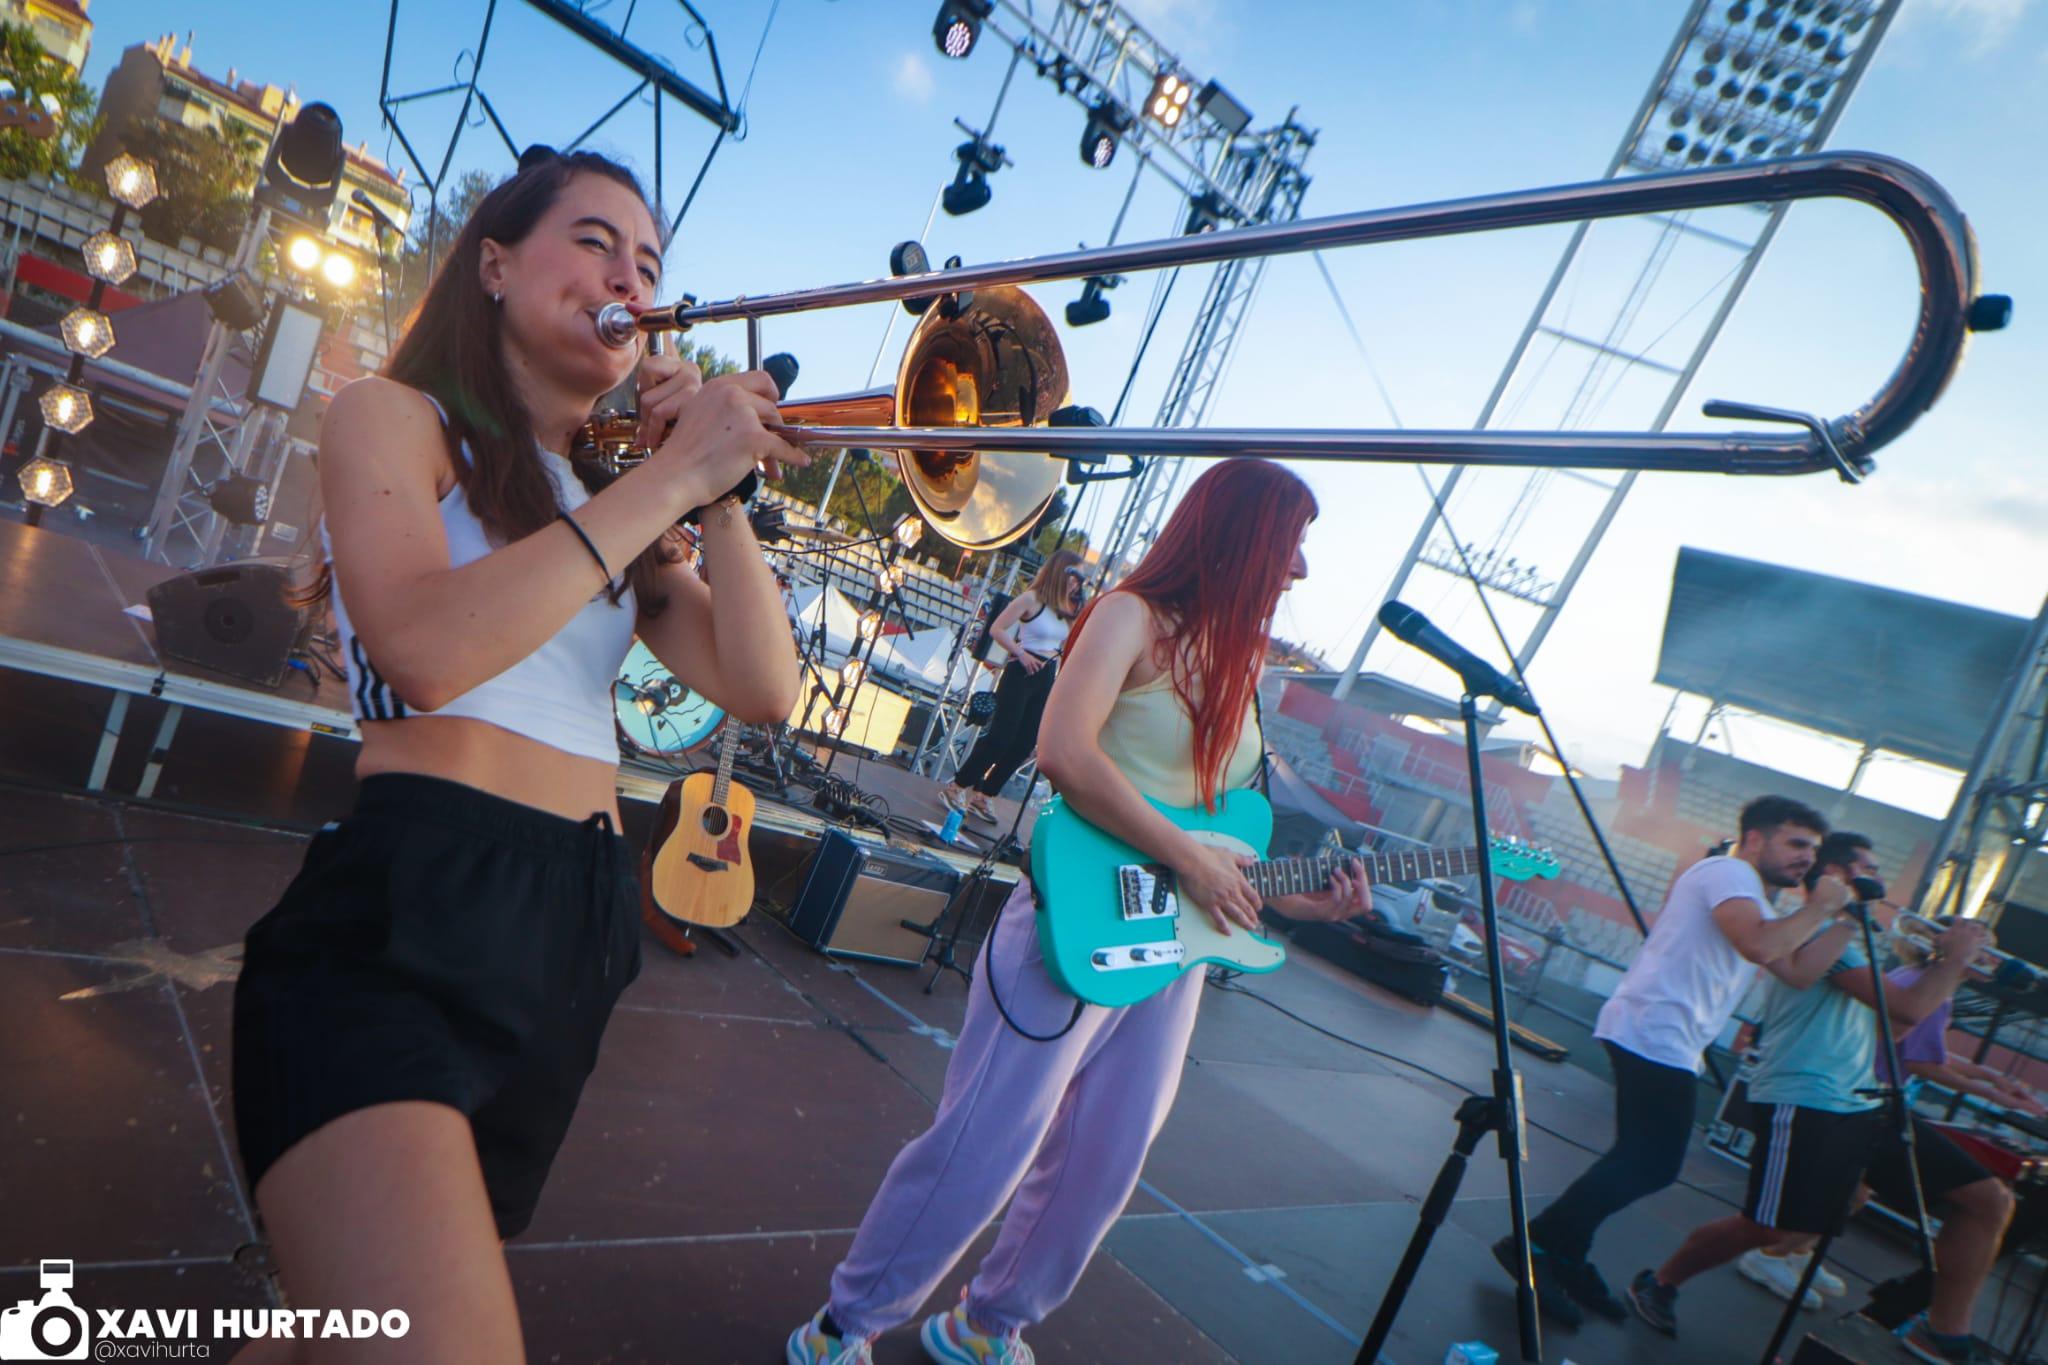 Concert de Sense Sal a l'Estadi Olímpic de Terrassa per la Festa Major 2021 | Xavi Hurtado